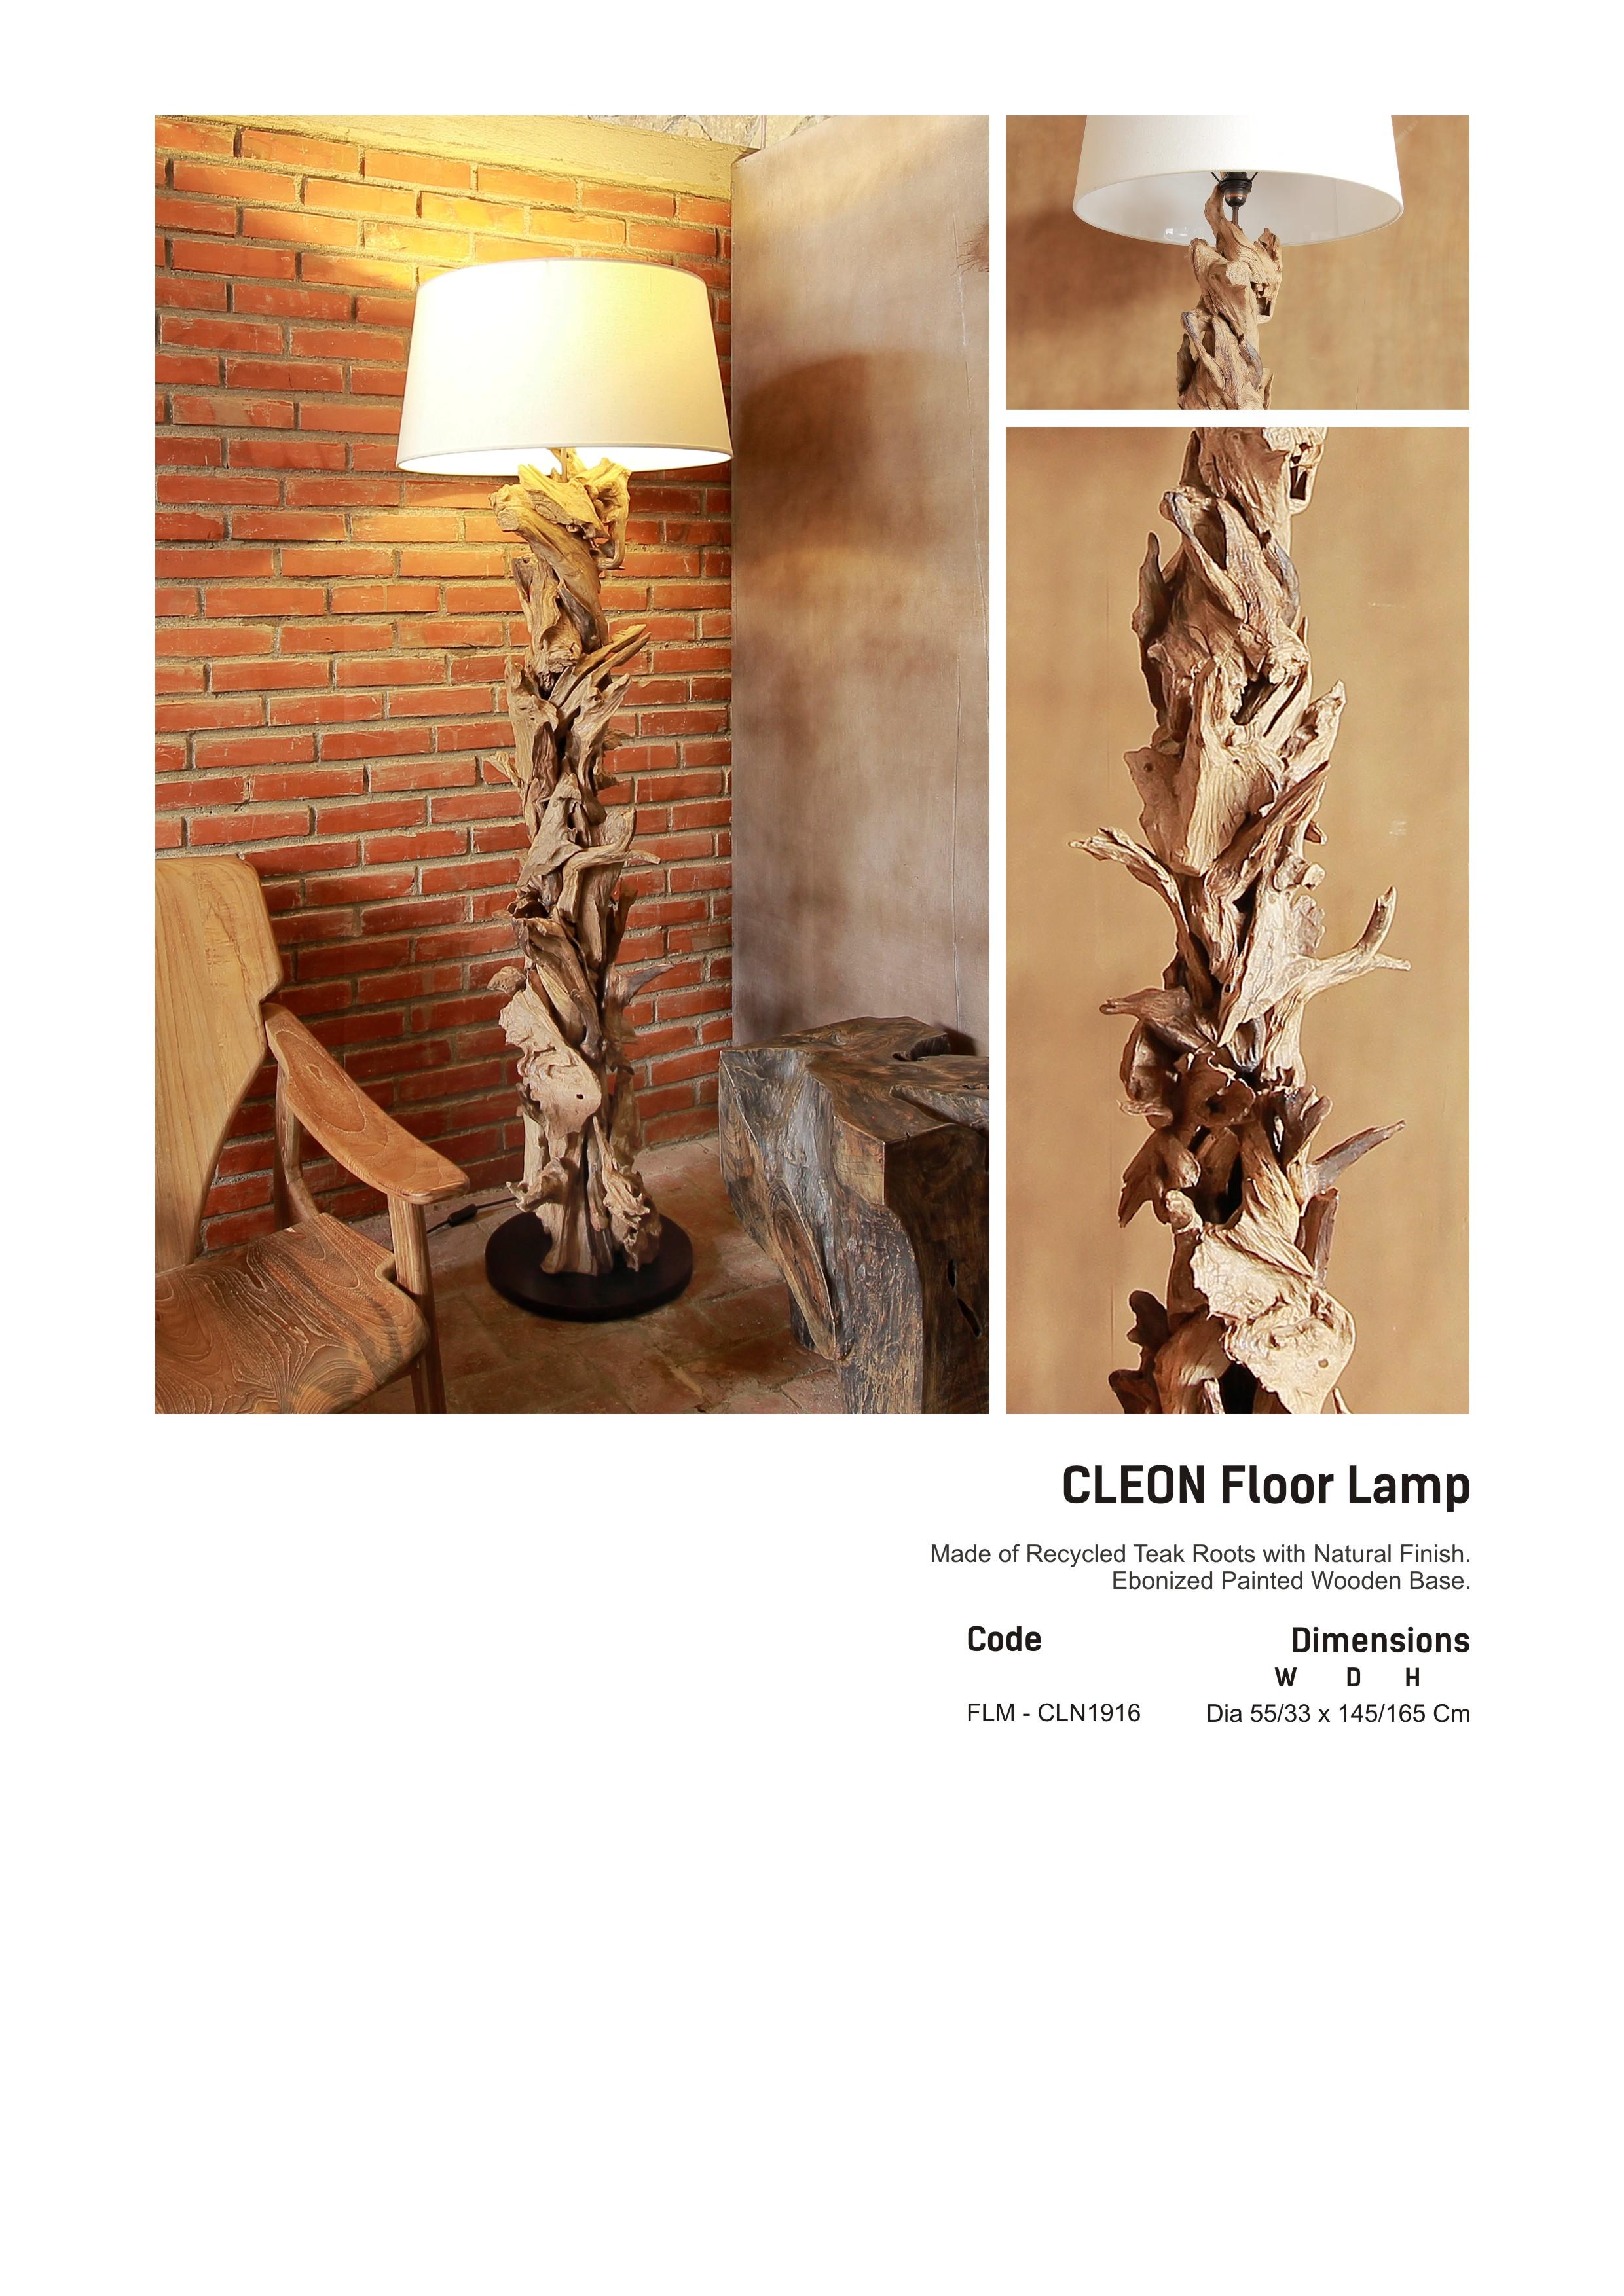 19. CLEON Floor LAmp